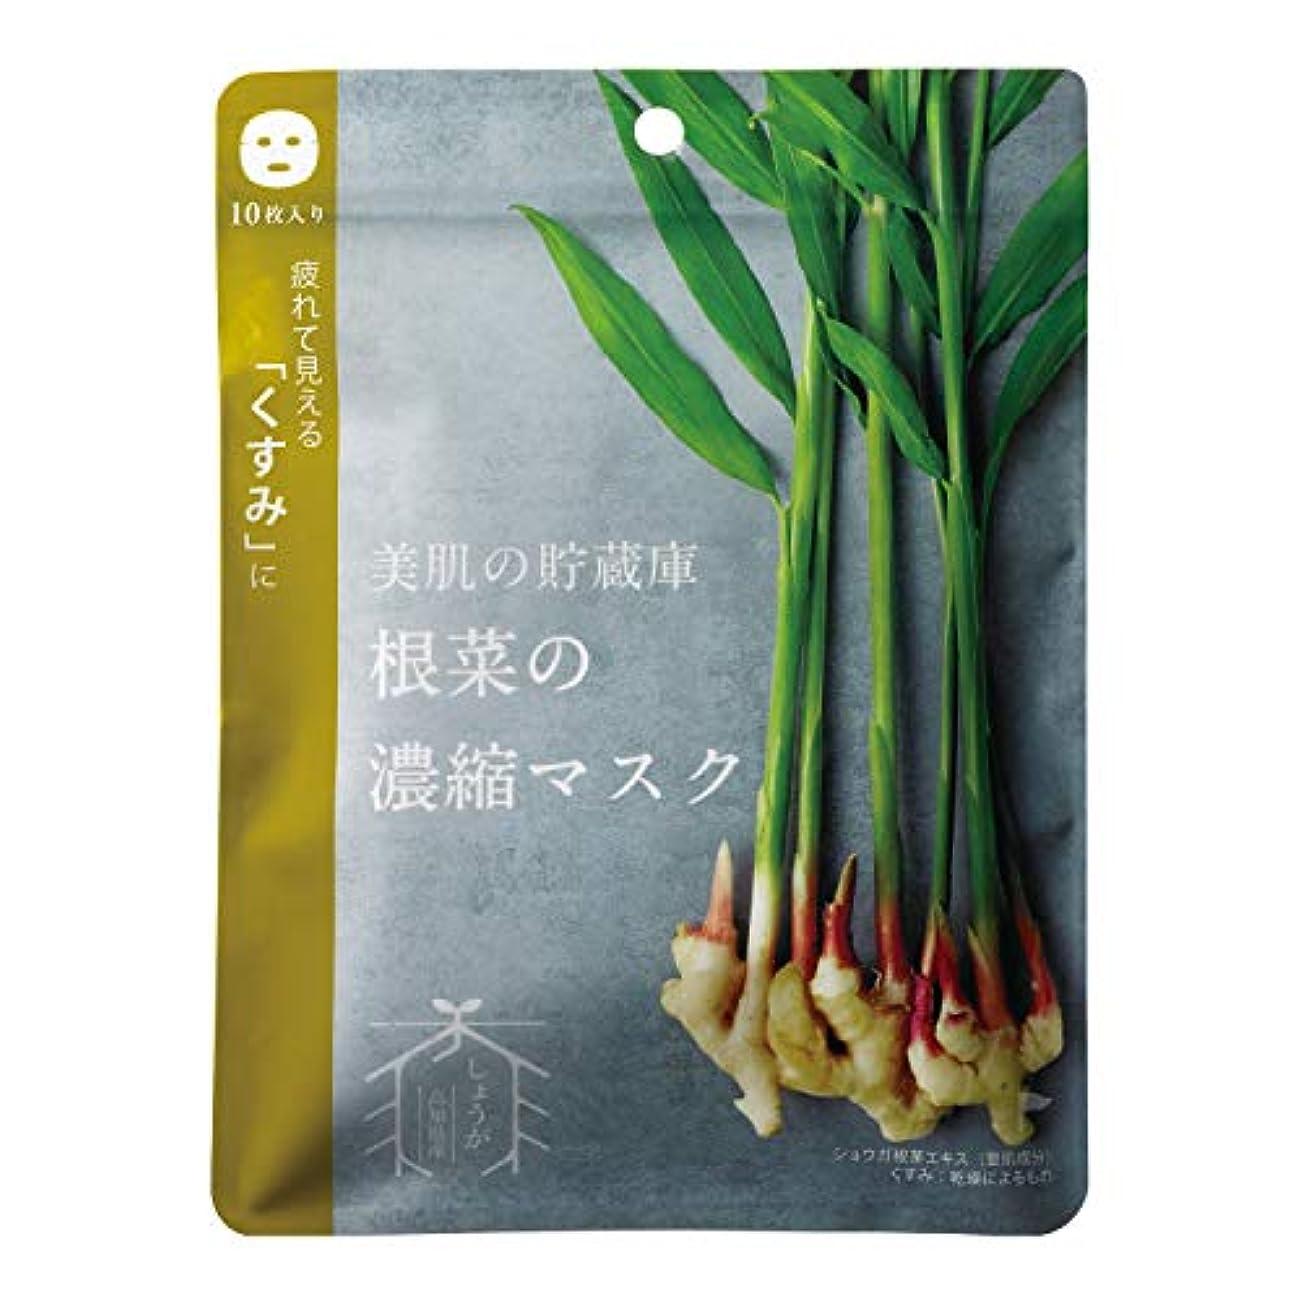 伝統的有名スケッチ@cosme nippon 美肌の貯蔵庫 根菜の濃縮マスク 土佐一しょうが 10枚 160ml